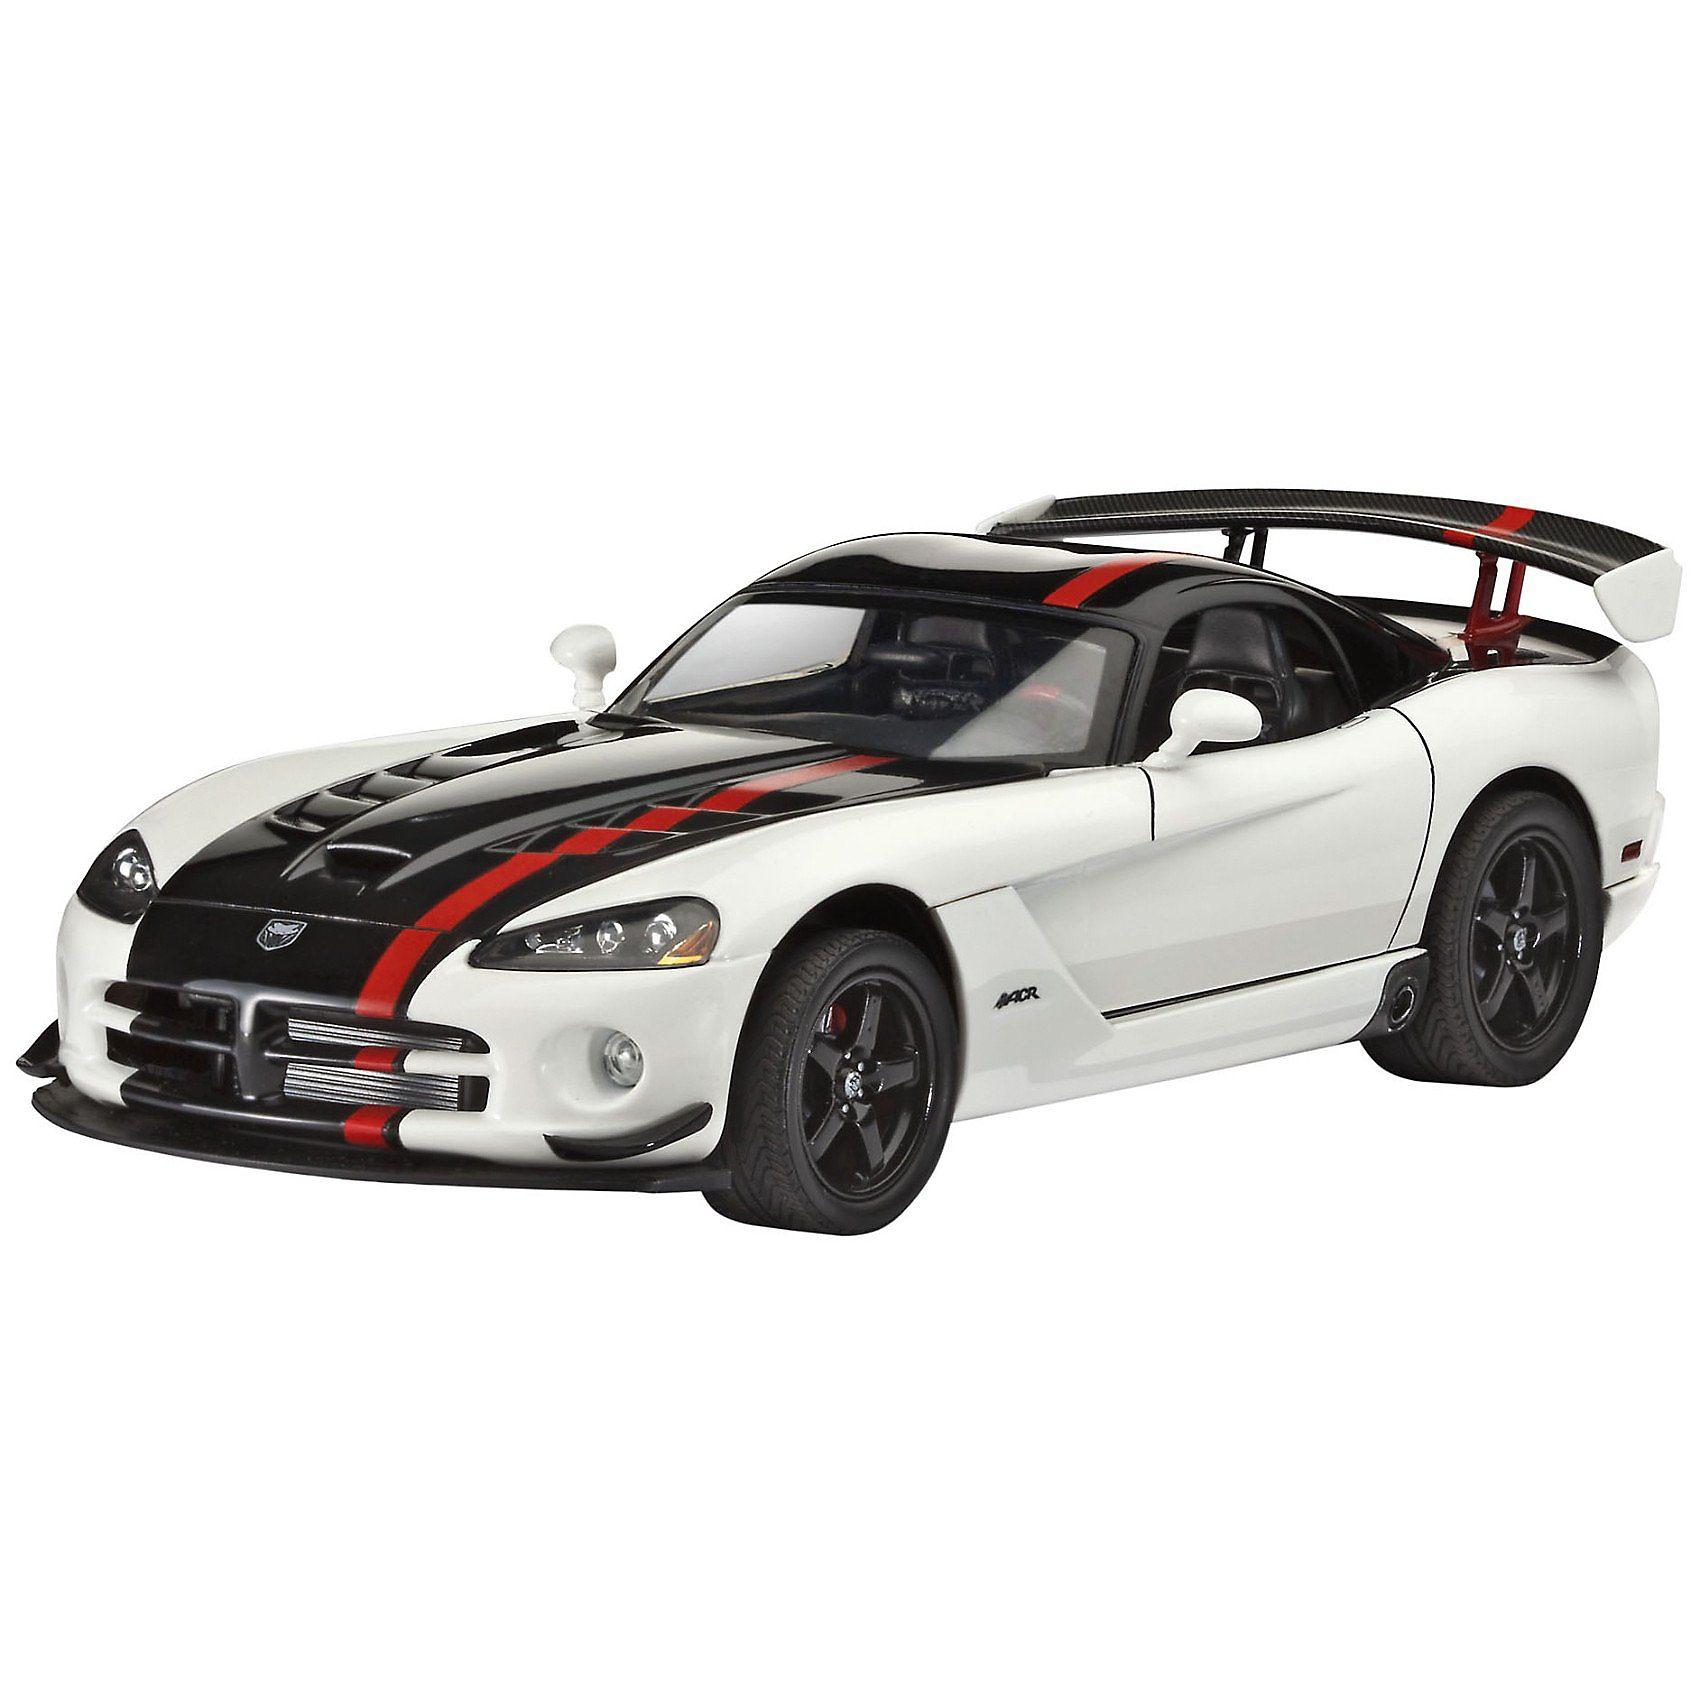 """Revell Modellbausatz Dodge Viper SRT 10 """"ACR"""" im Maßstab 1:25"""